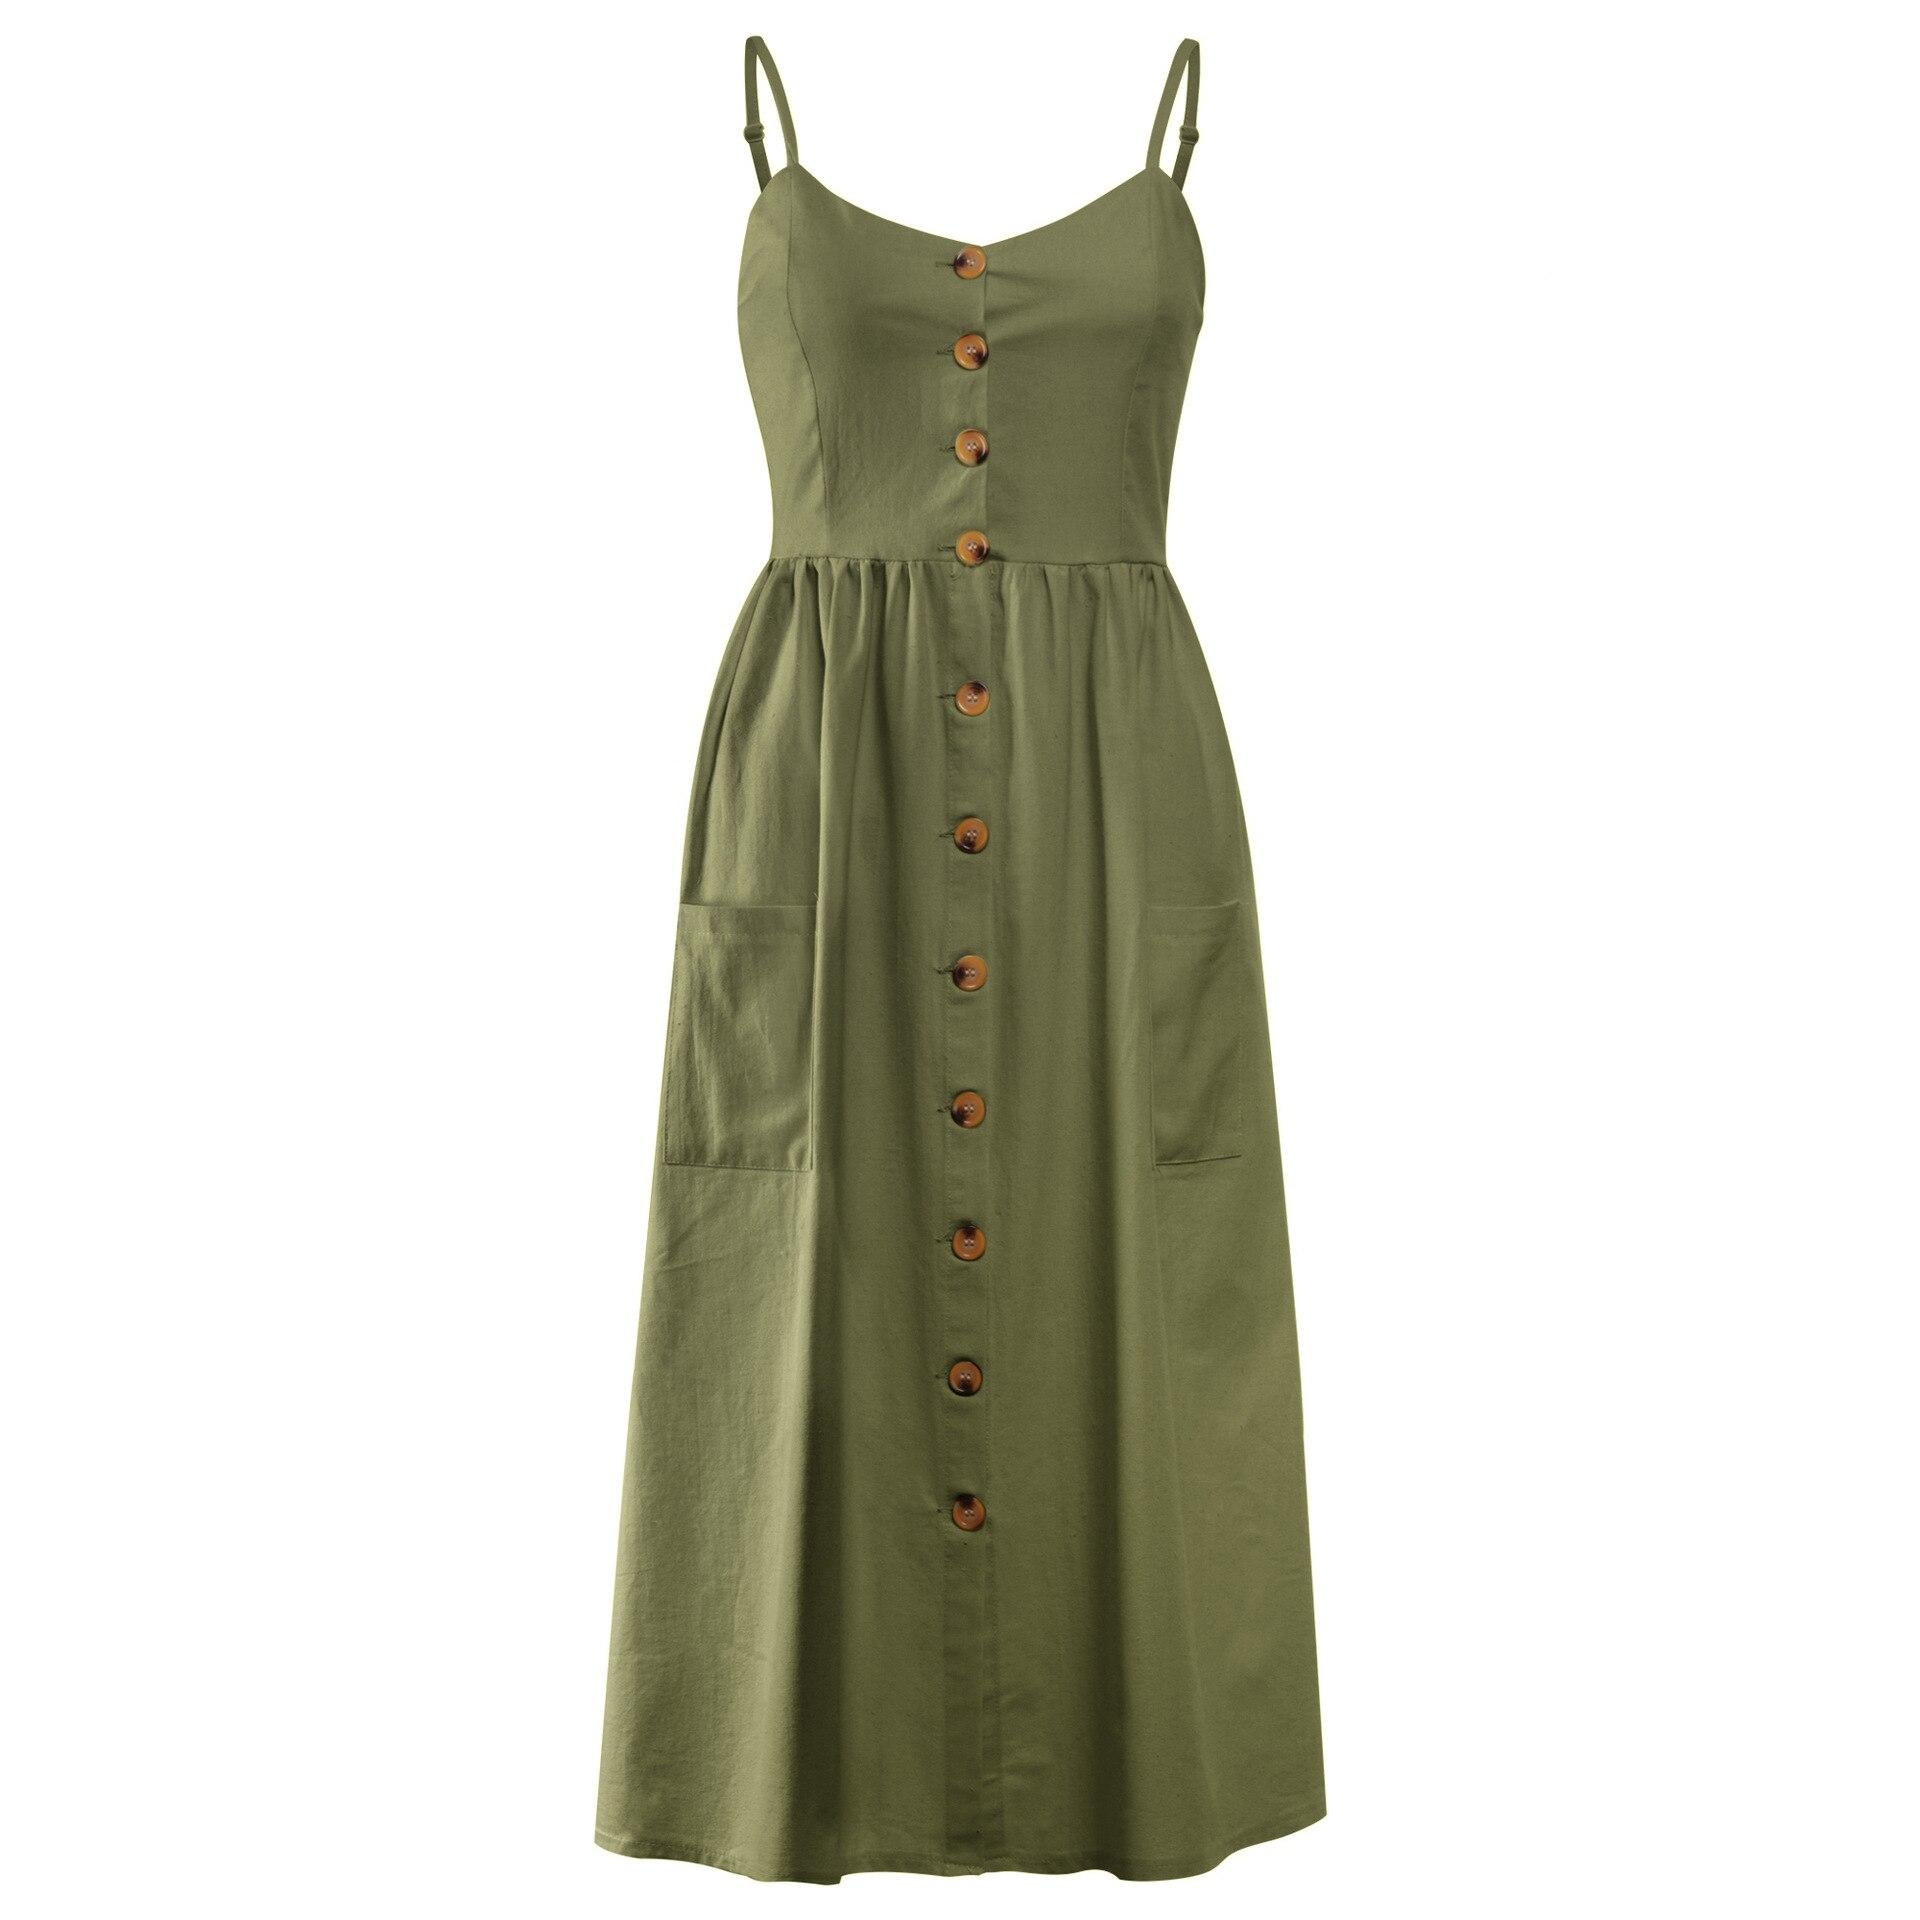 Button Striped Print Cotton Linen Casual Summer Dress 19 Sexy Spaghetti Strap V-neck Off Shoulder Women Midi Dress Vestidos 19